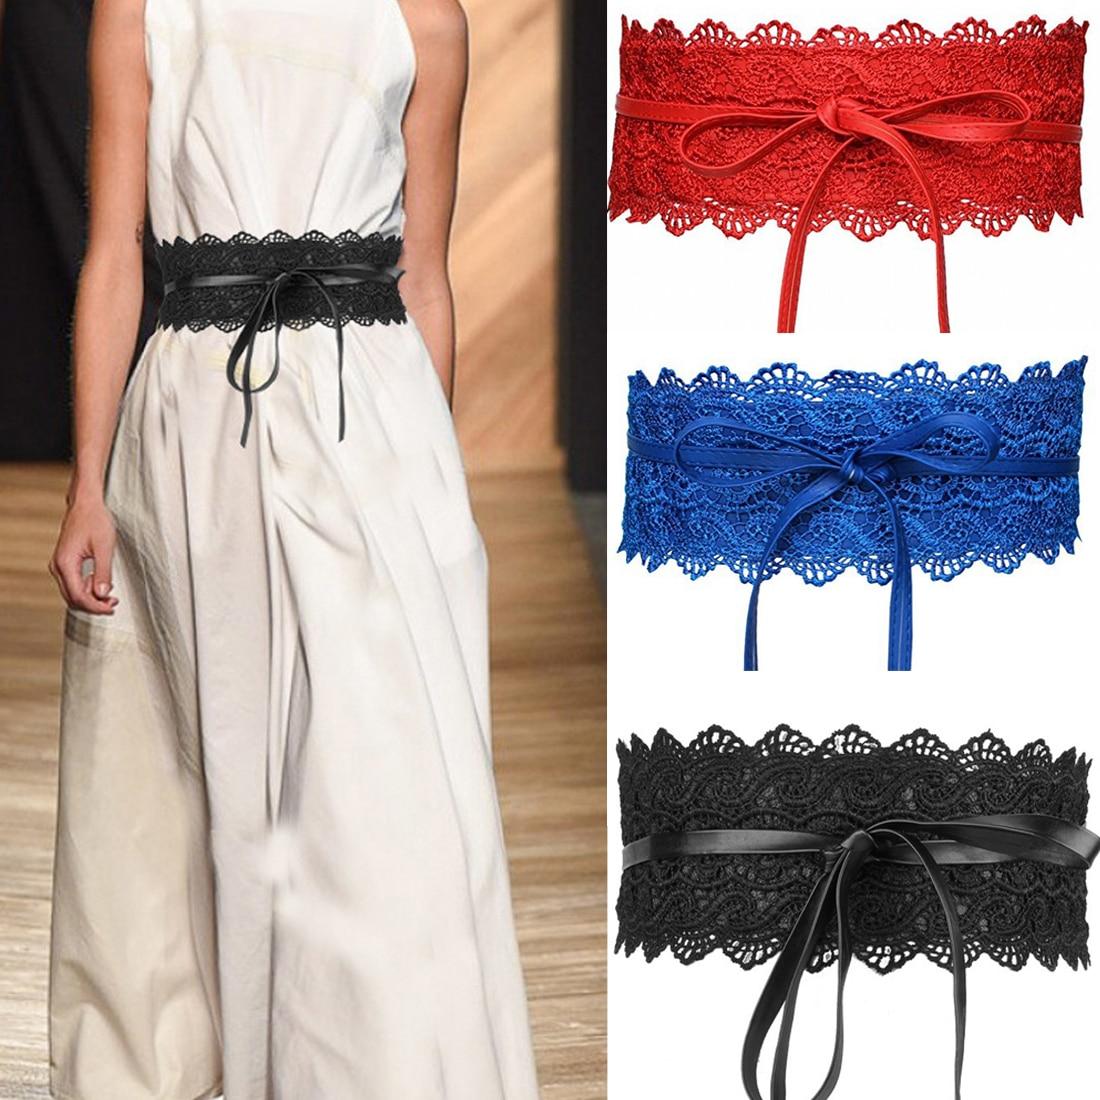 2019 Hot Wide Lace Corset Waist Belt Solid Color  Slim Fit Belts Bowknot  Faux Leather Lace Cummerbunds Female Dress Waistband